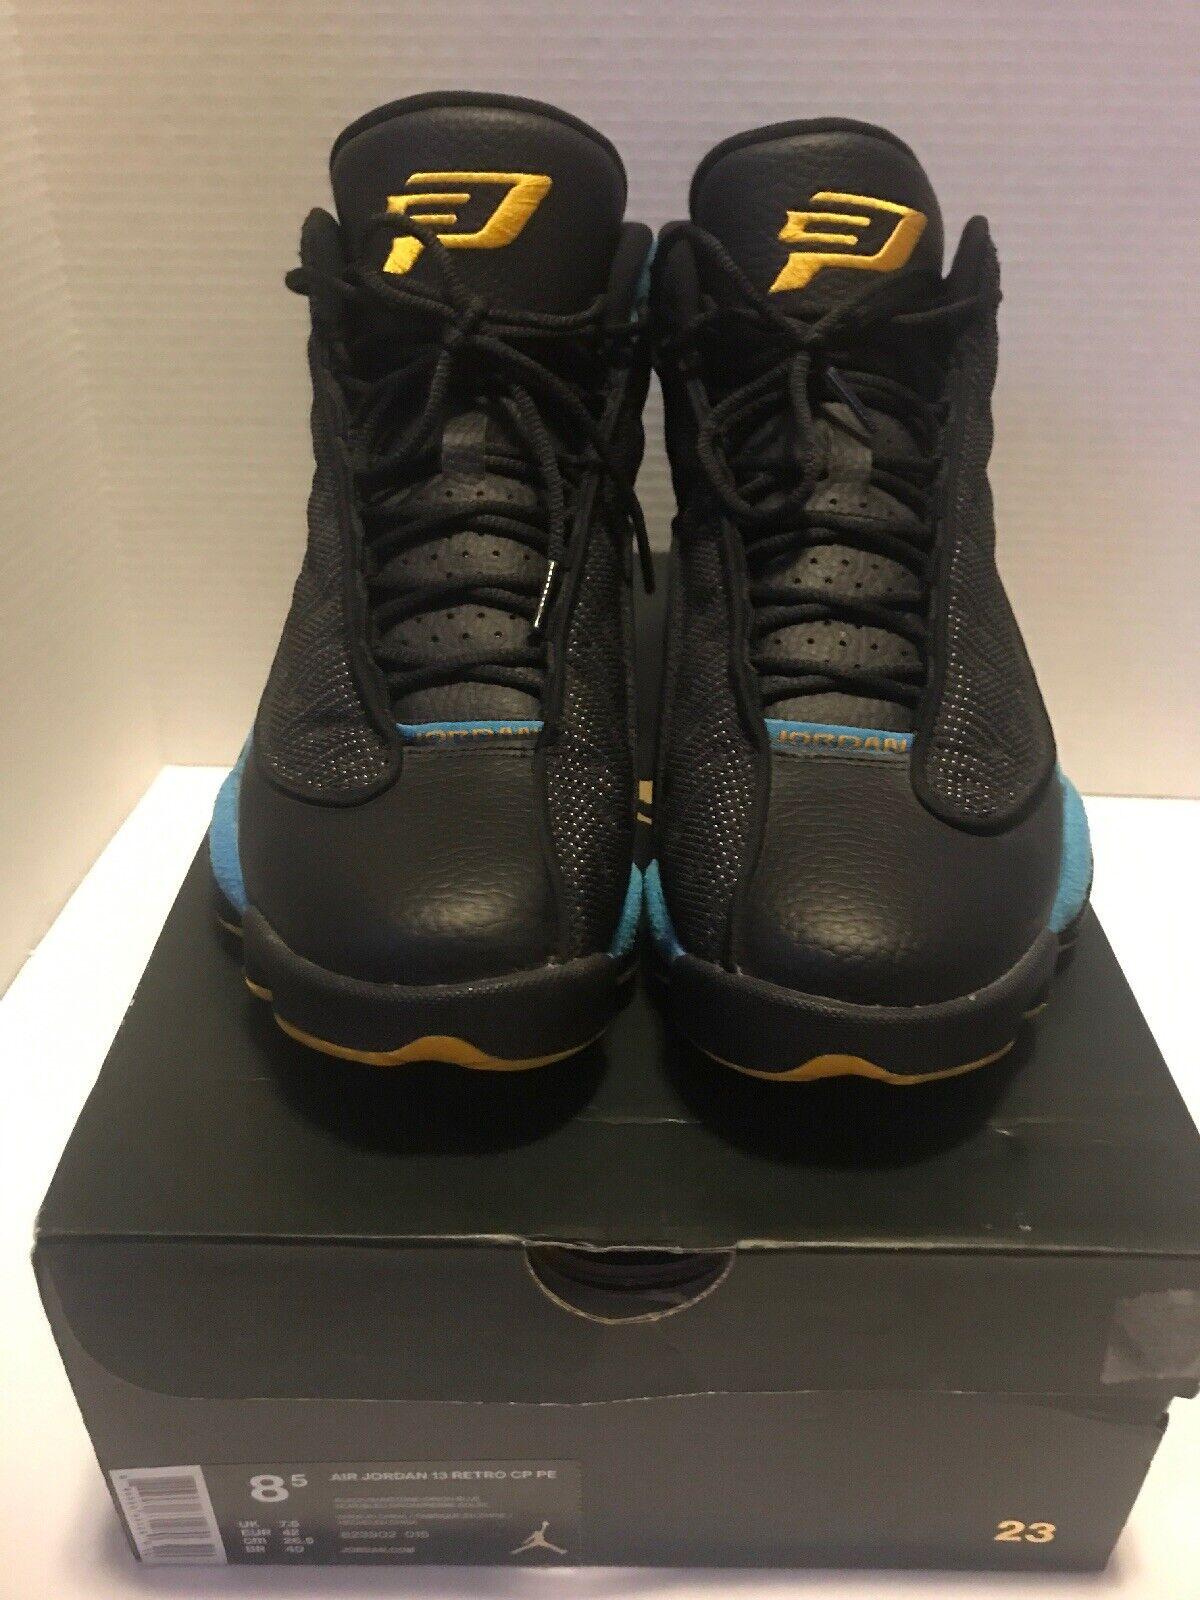 Jordan 13 Retro CP PE Air